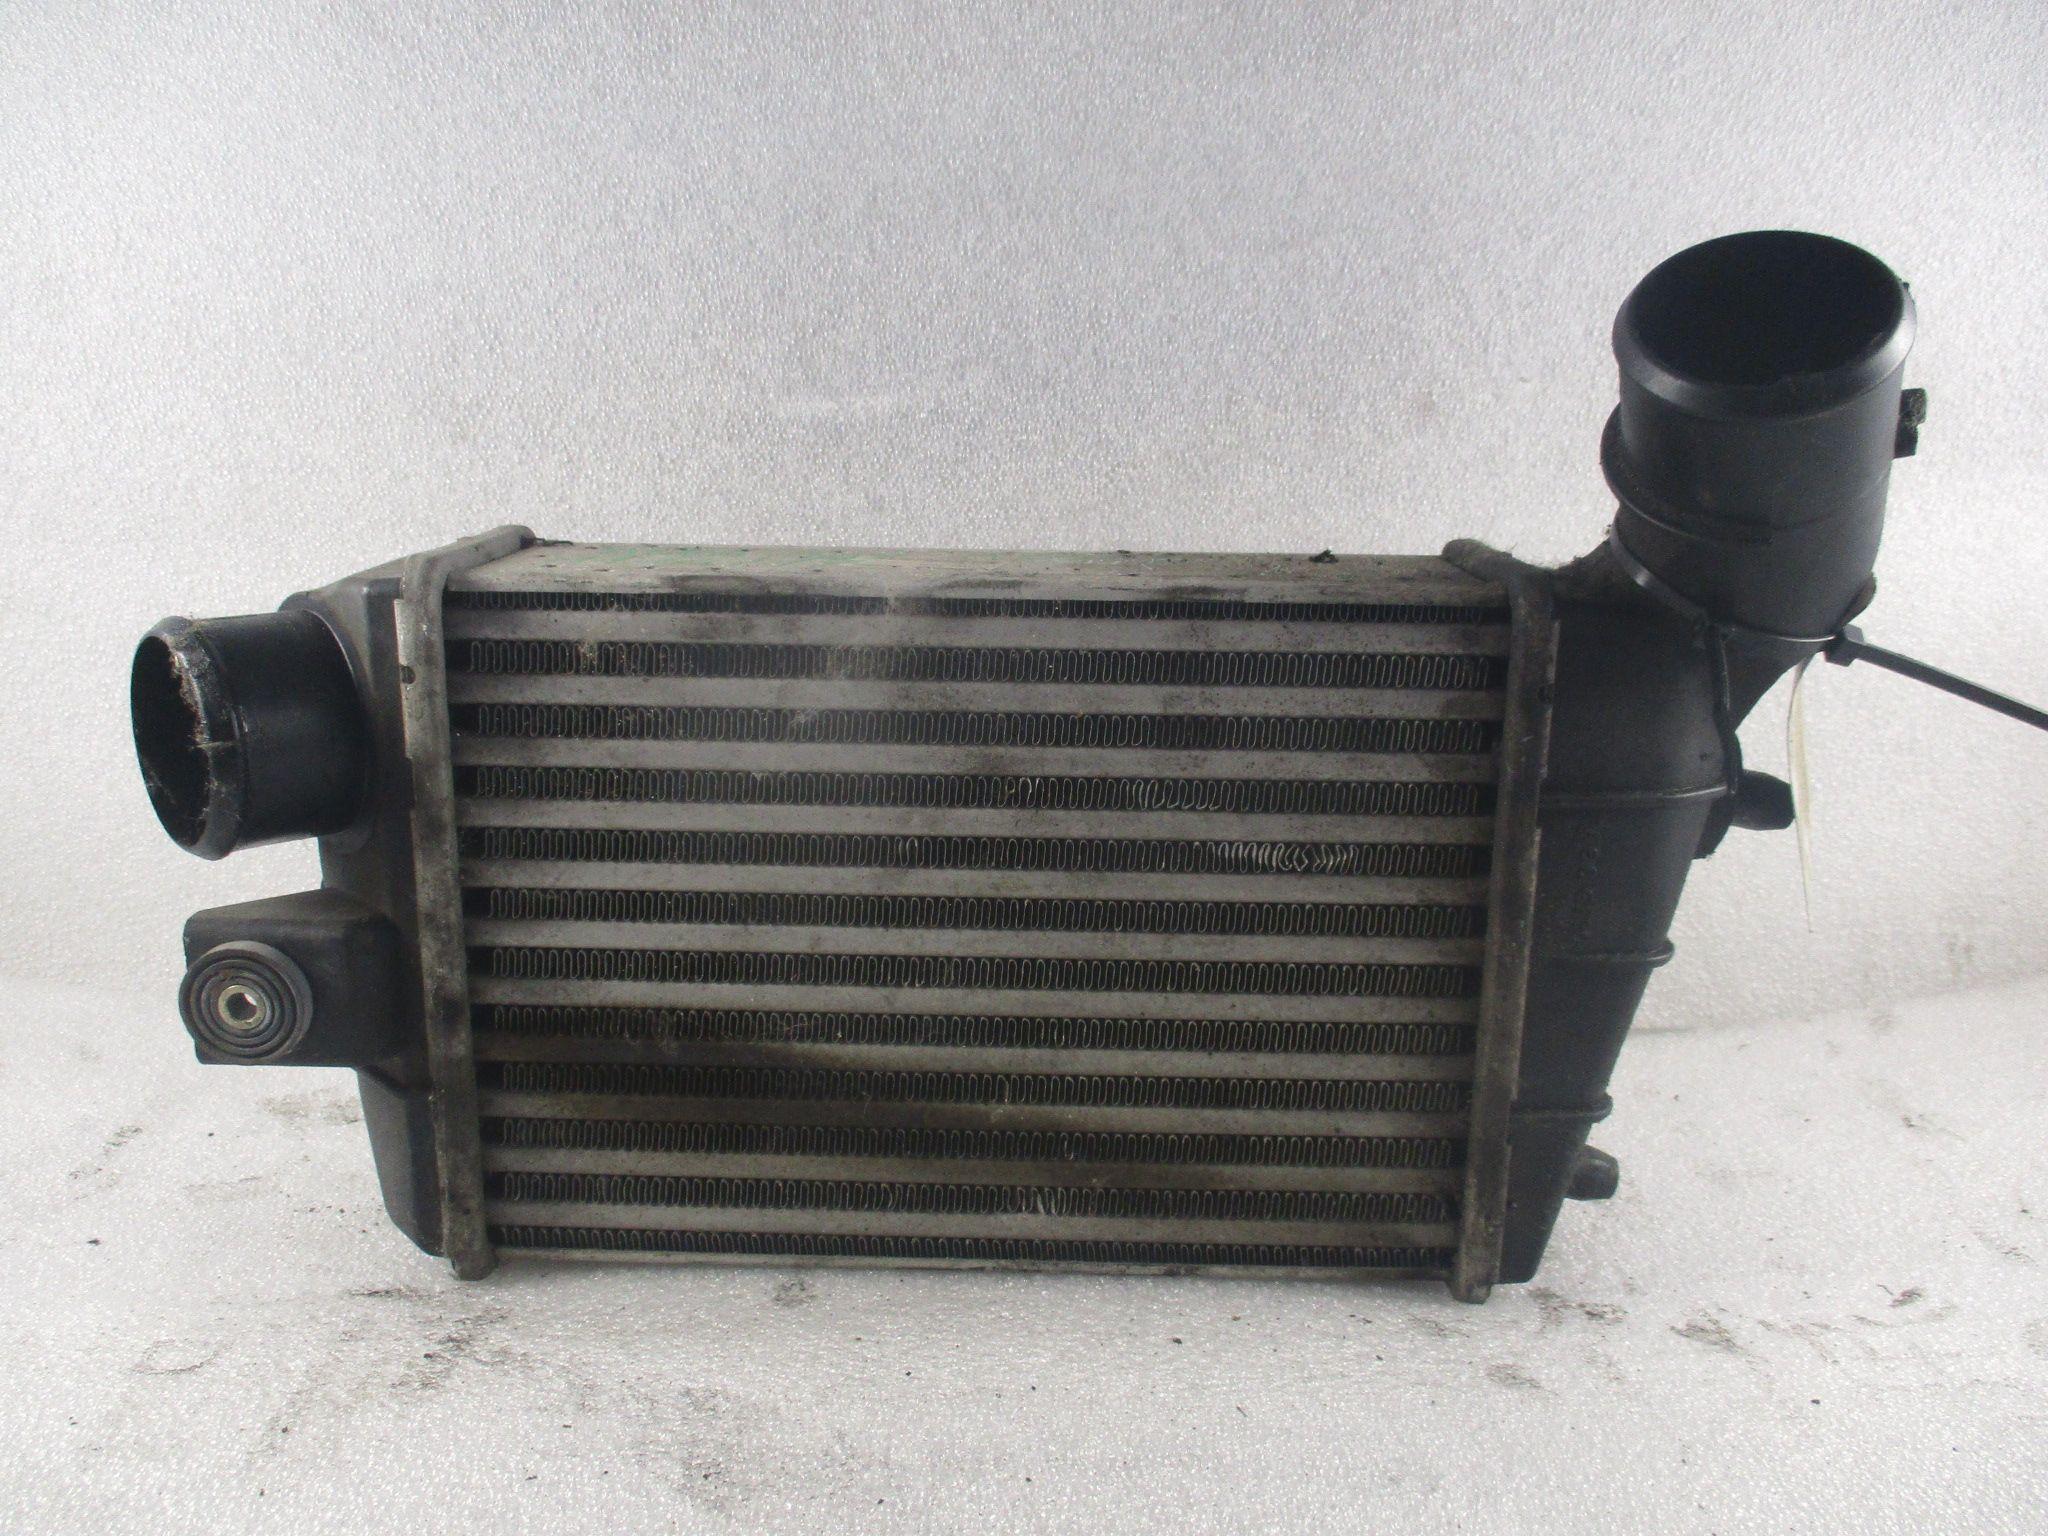 1.9 jtd -937a2000- 2002 INTERCOOLER ALFA ROMEO 147 1°  Serie 1900 Diesel 937A2000 85 Kw  (2002) RICAMBI USATI